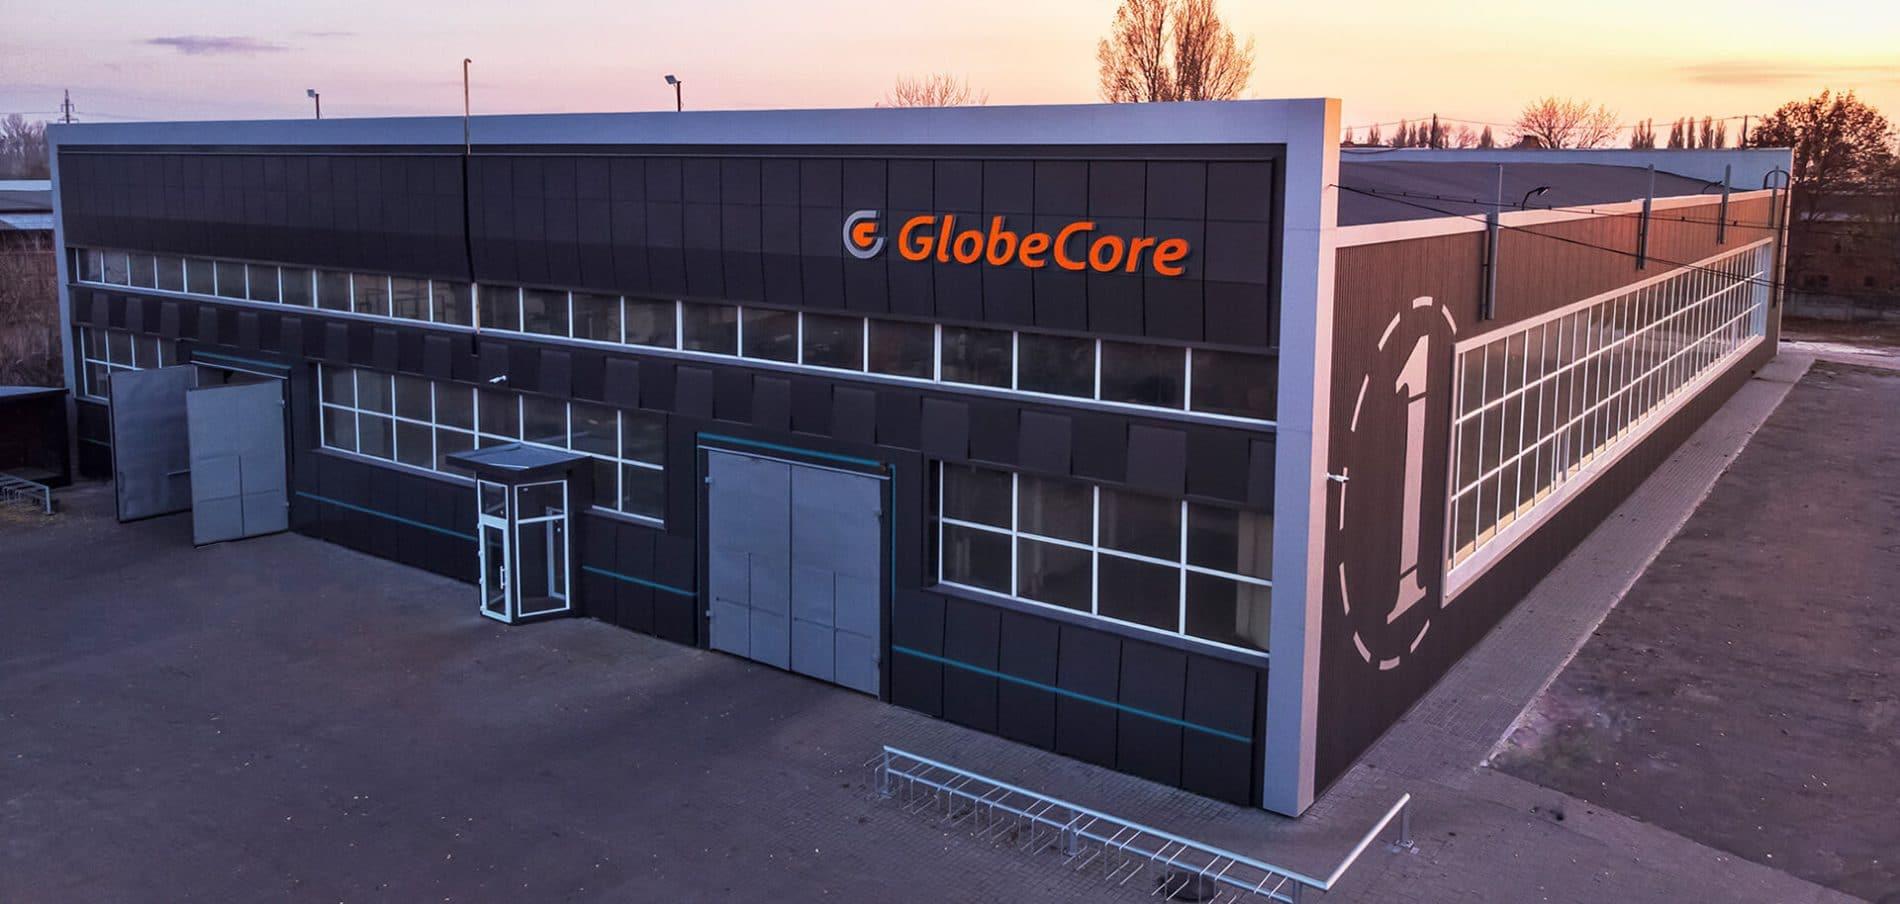 GloebCore